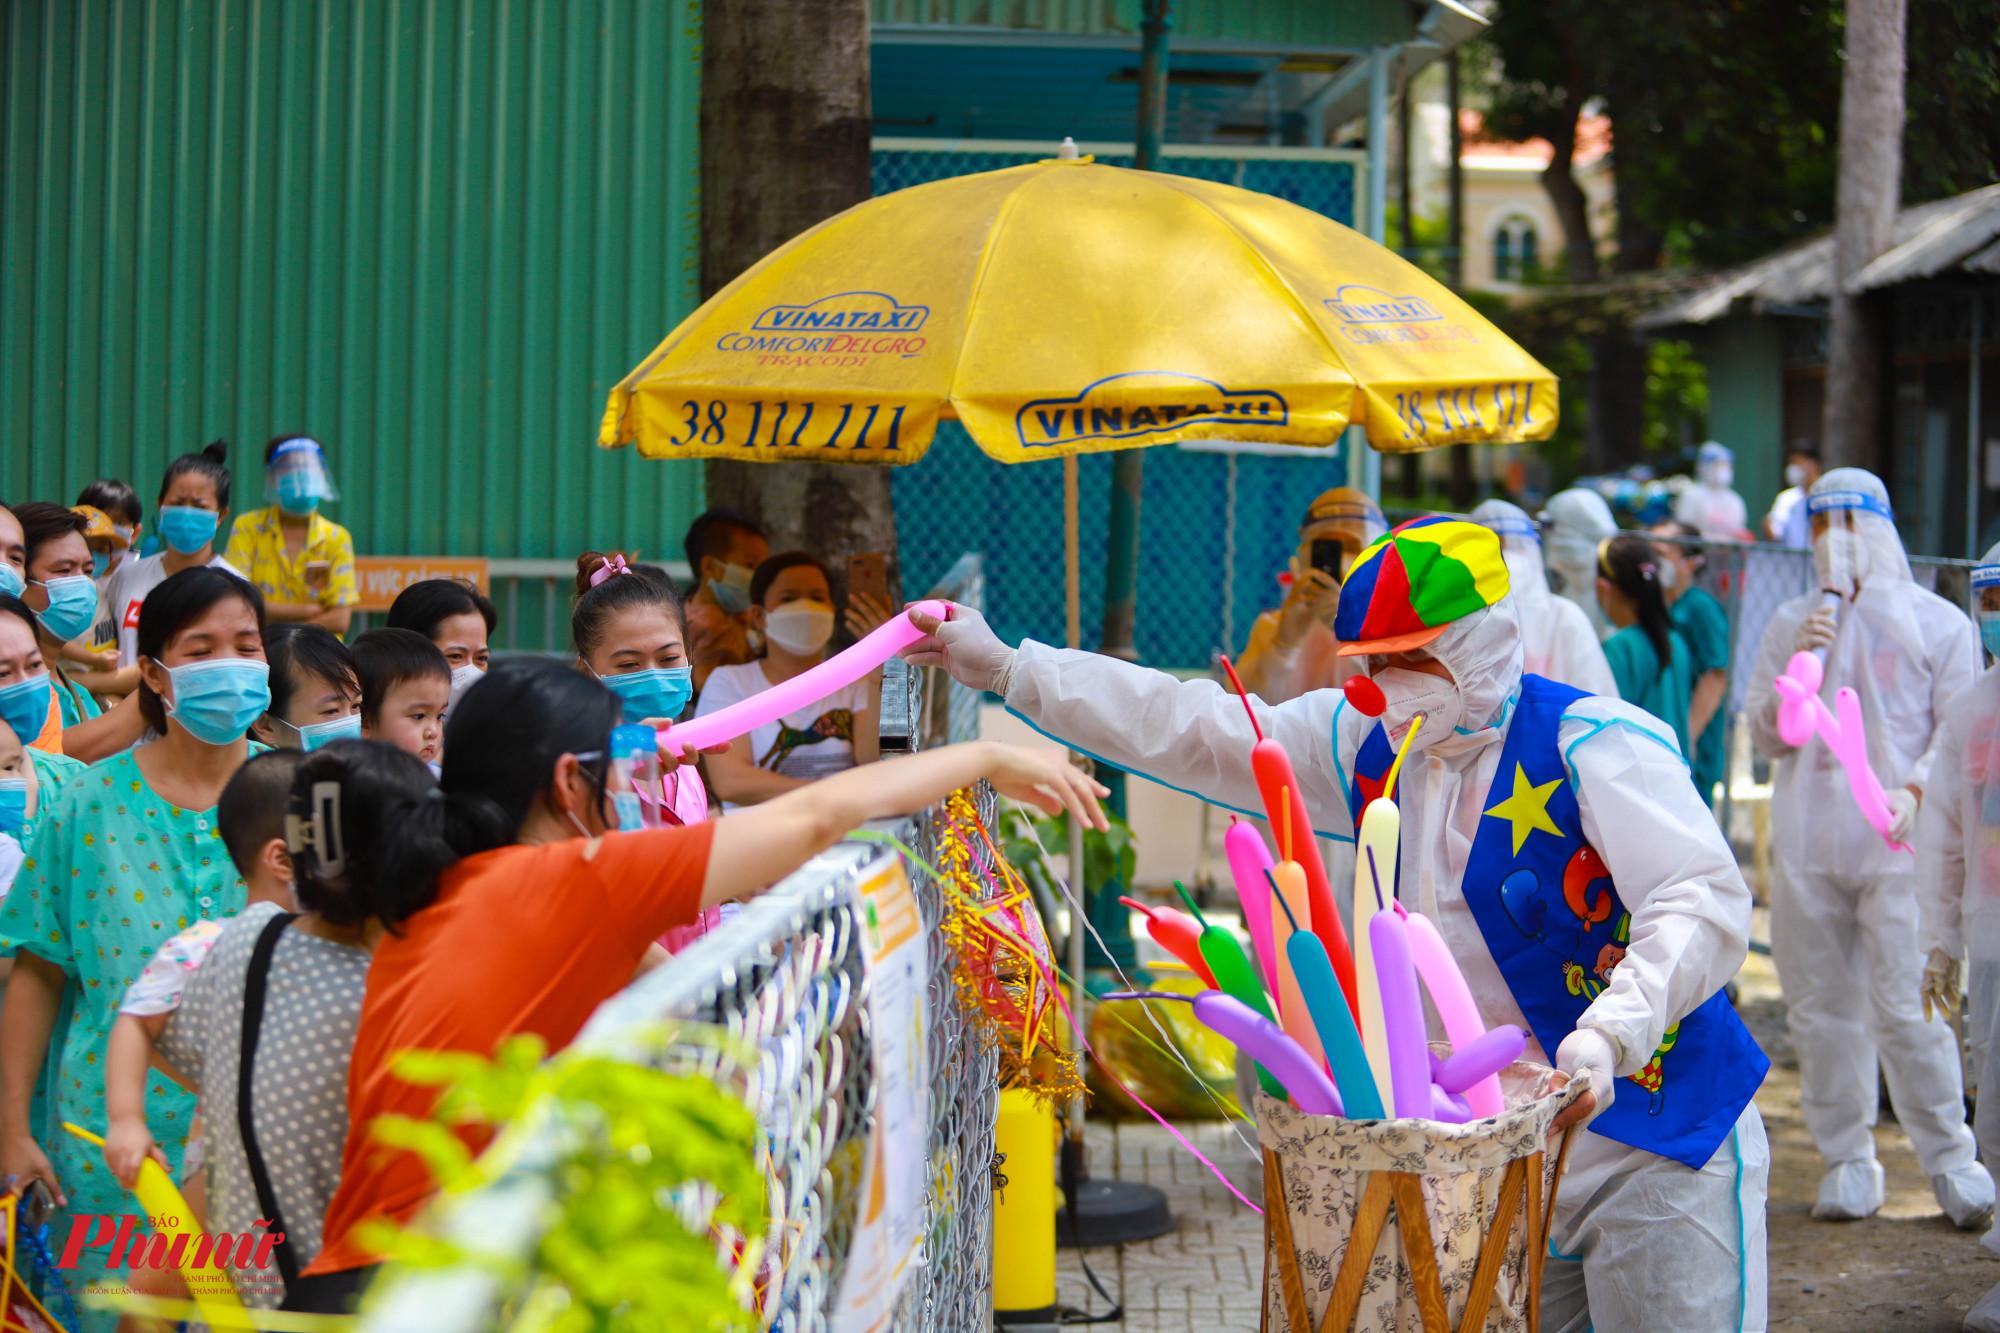 Biểu diễn xiếc ảo thuật và tặng quà cho các bé trong ngày trung thu khiến các em vô cùng phấn khích